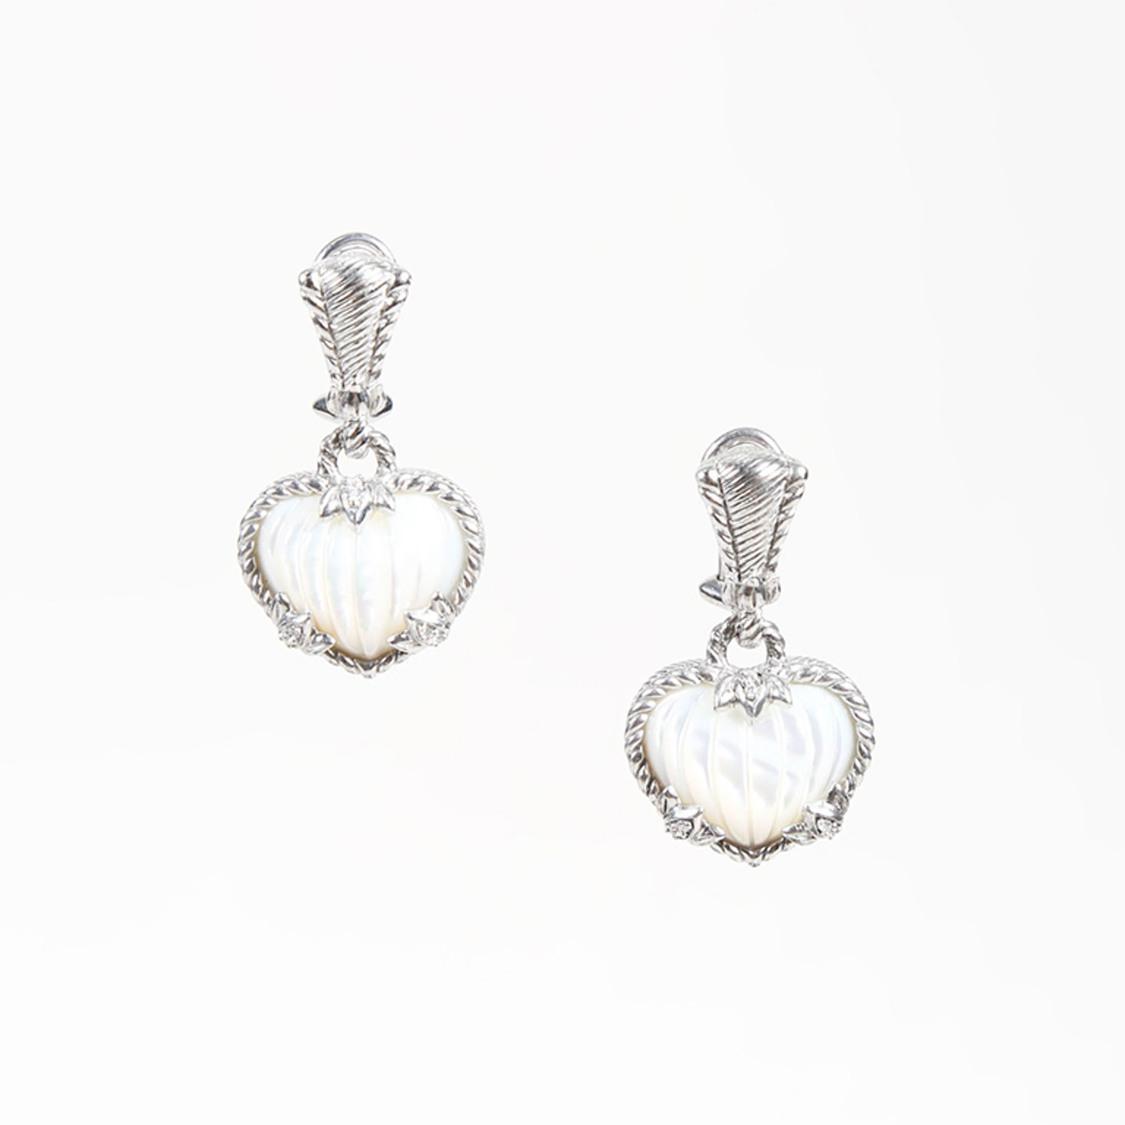 Judith Ripka Women S Metallic Sterling Silver Mother Of Pearl Heart Shaped Earrings